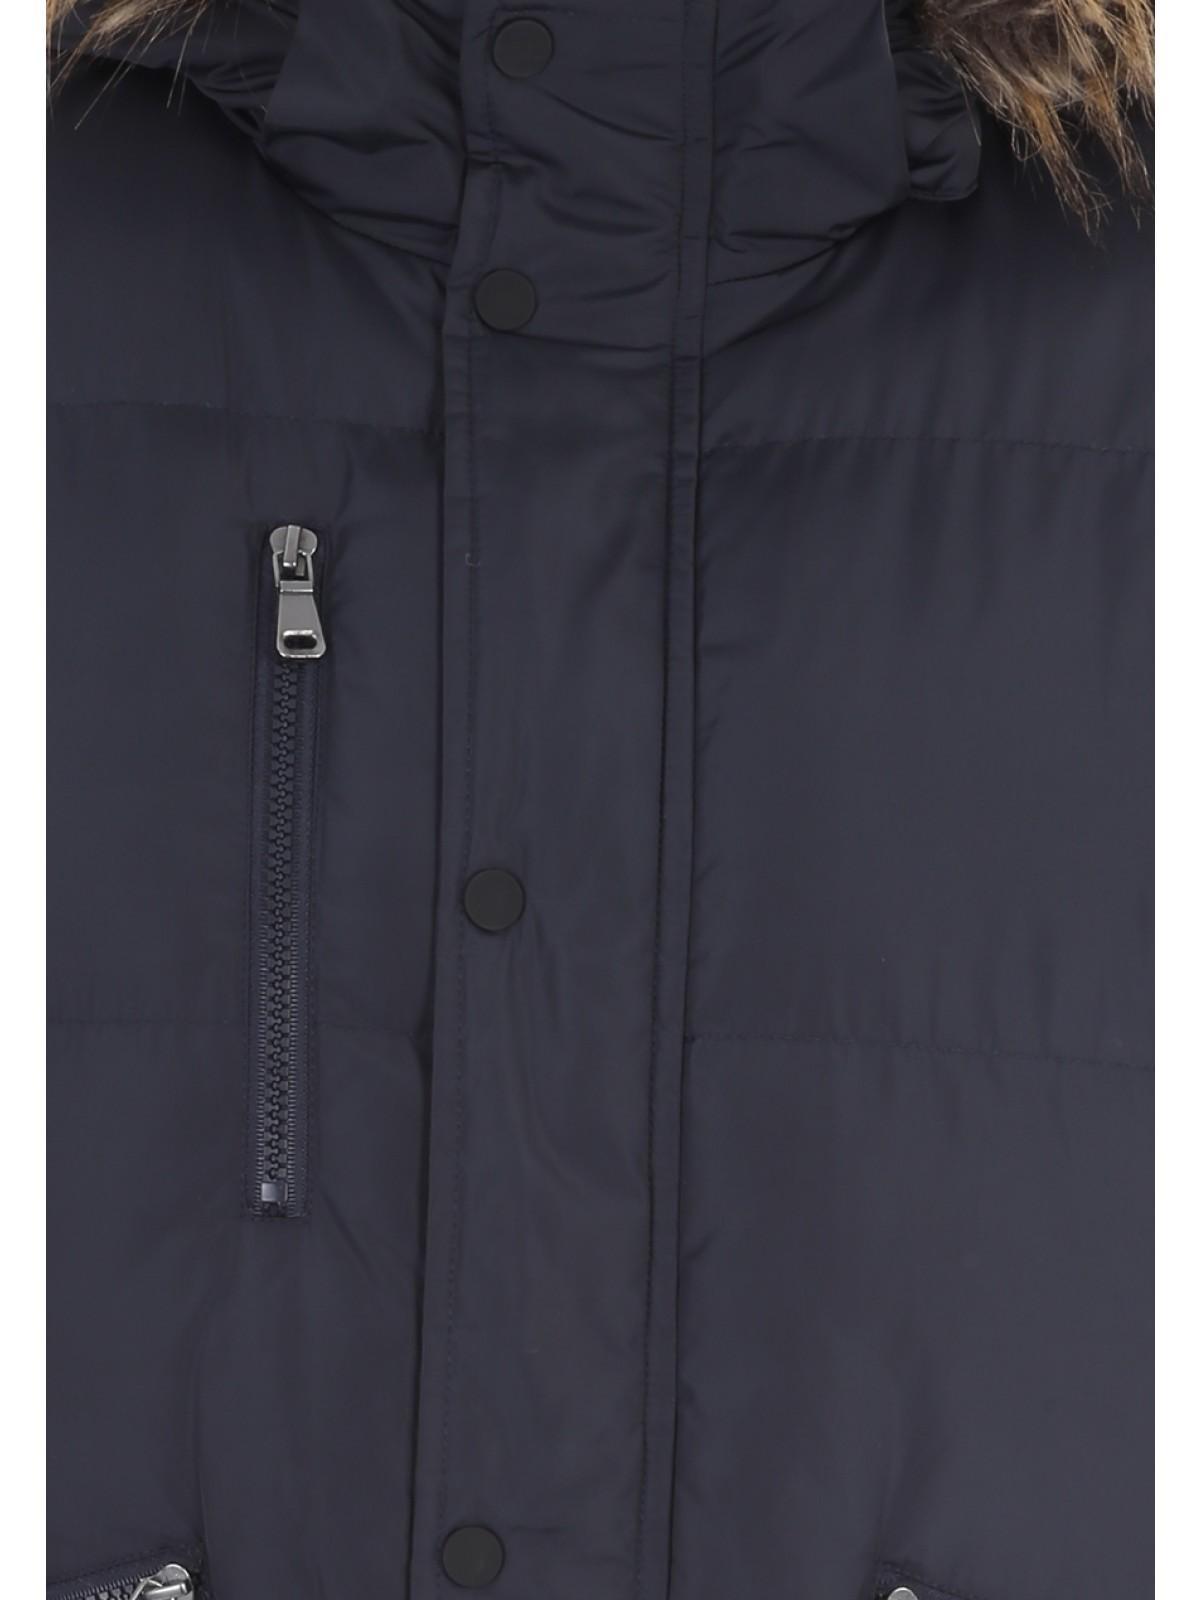 Men's Jackets & Coats | Peacocks